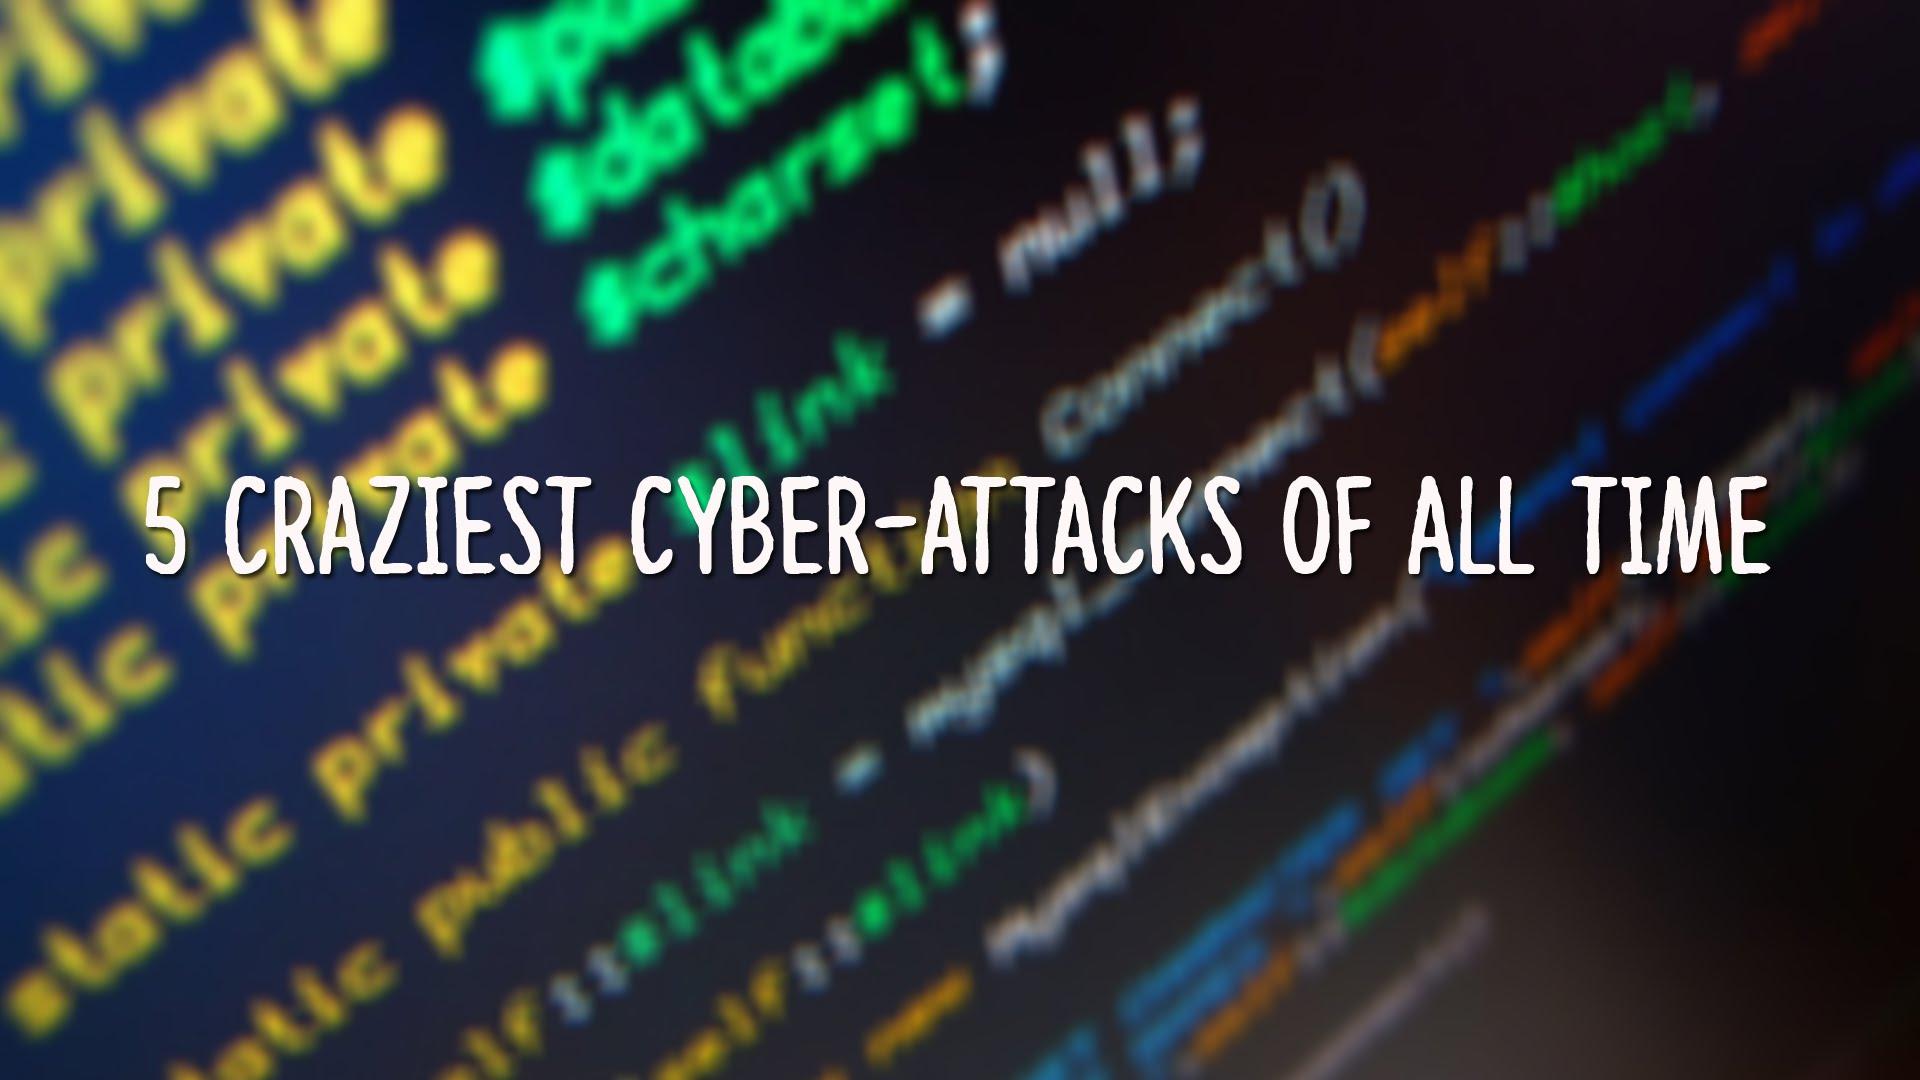 craziest cyber attacks